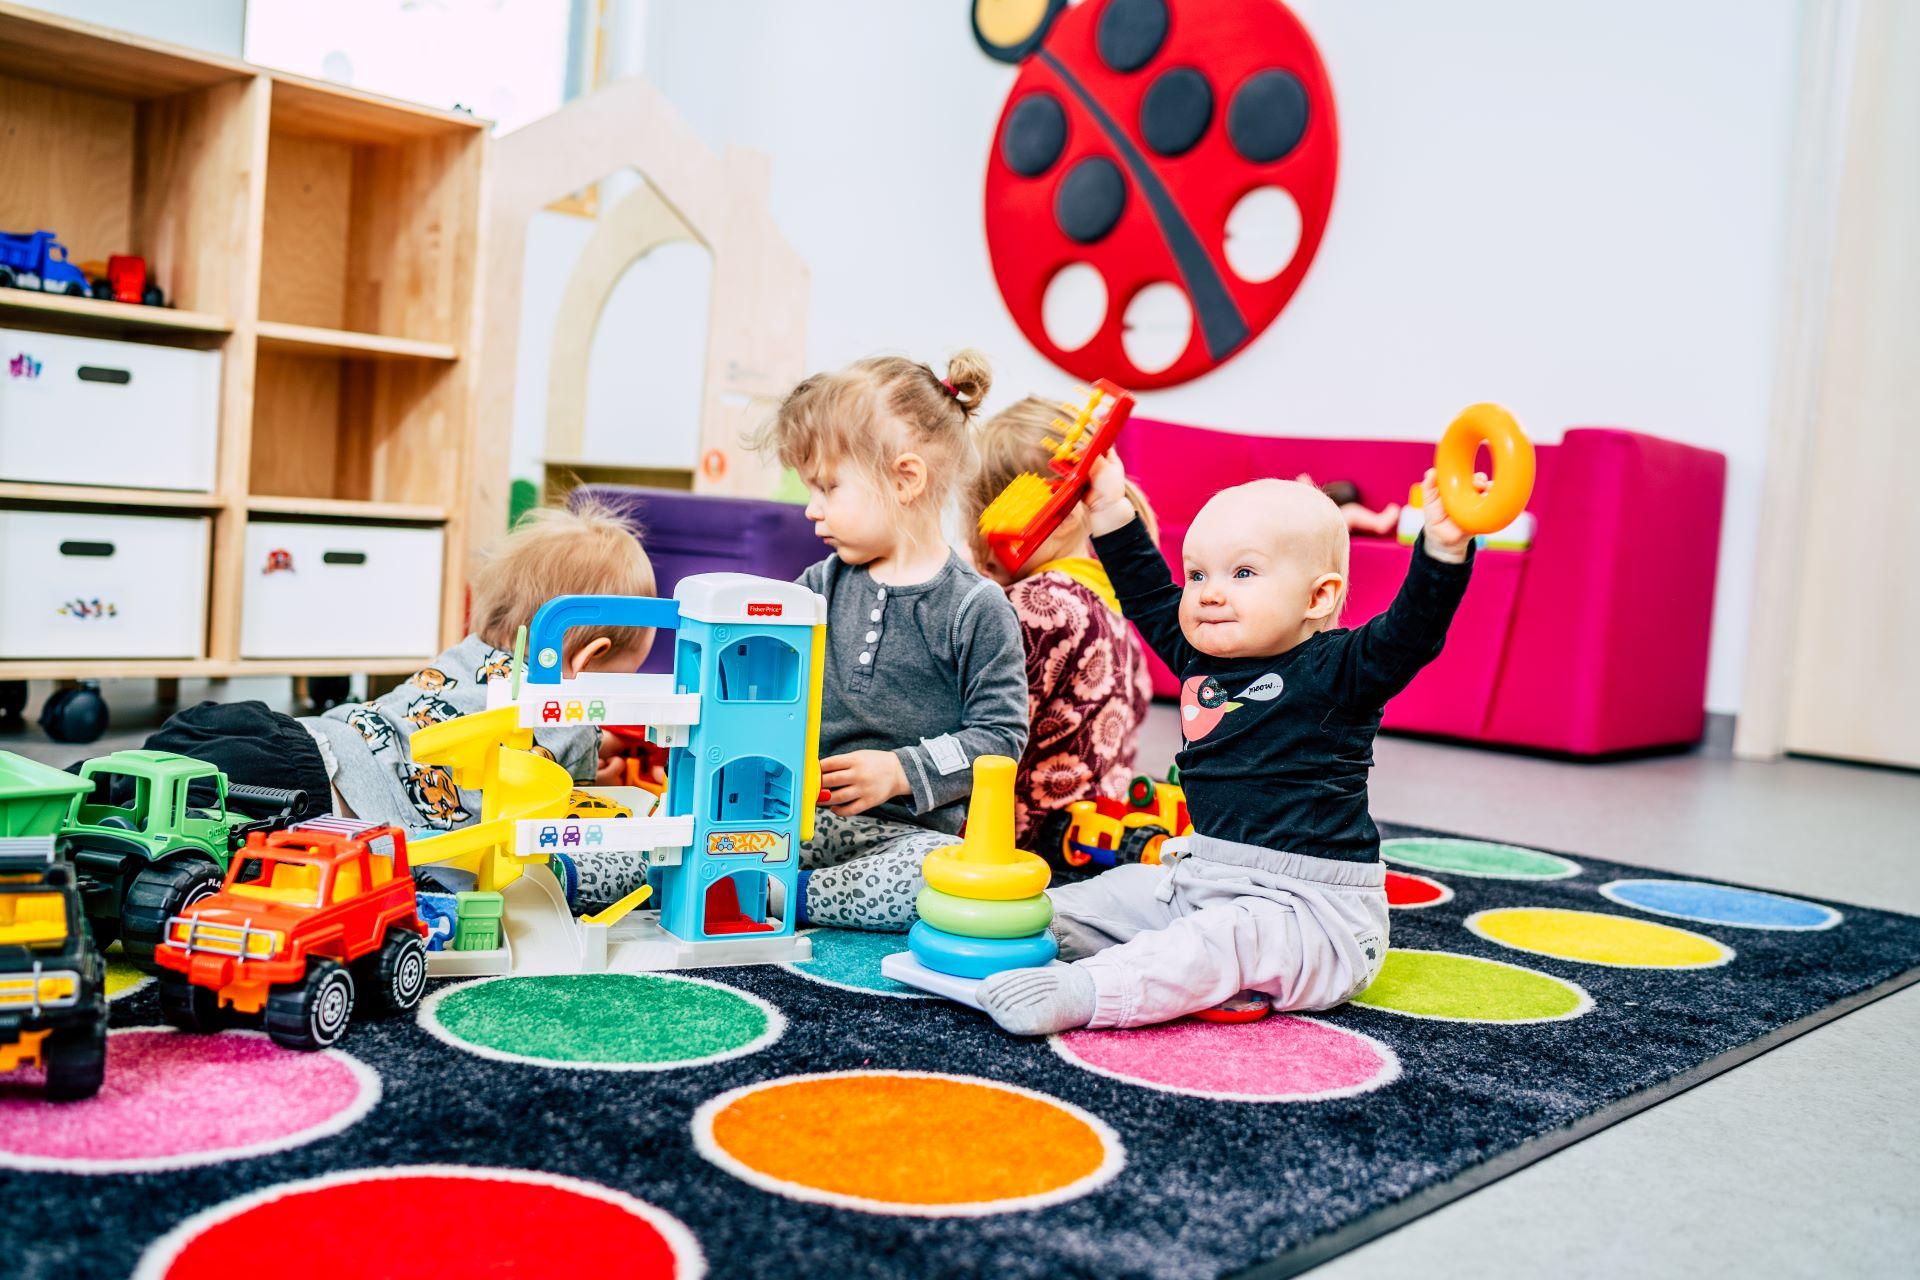 Lapset leikkimässä leikkimaton päällä